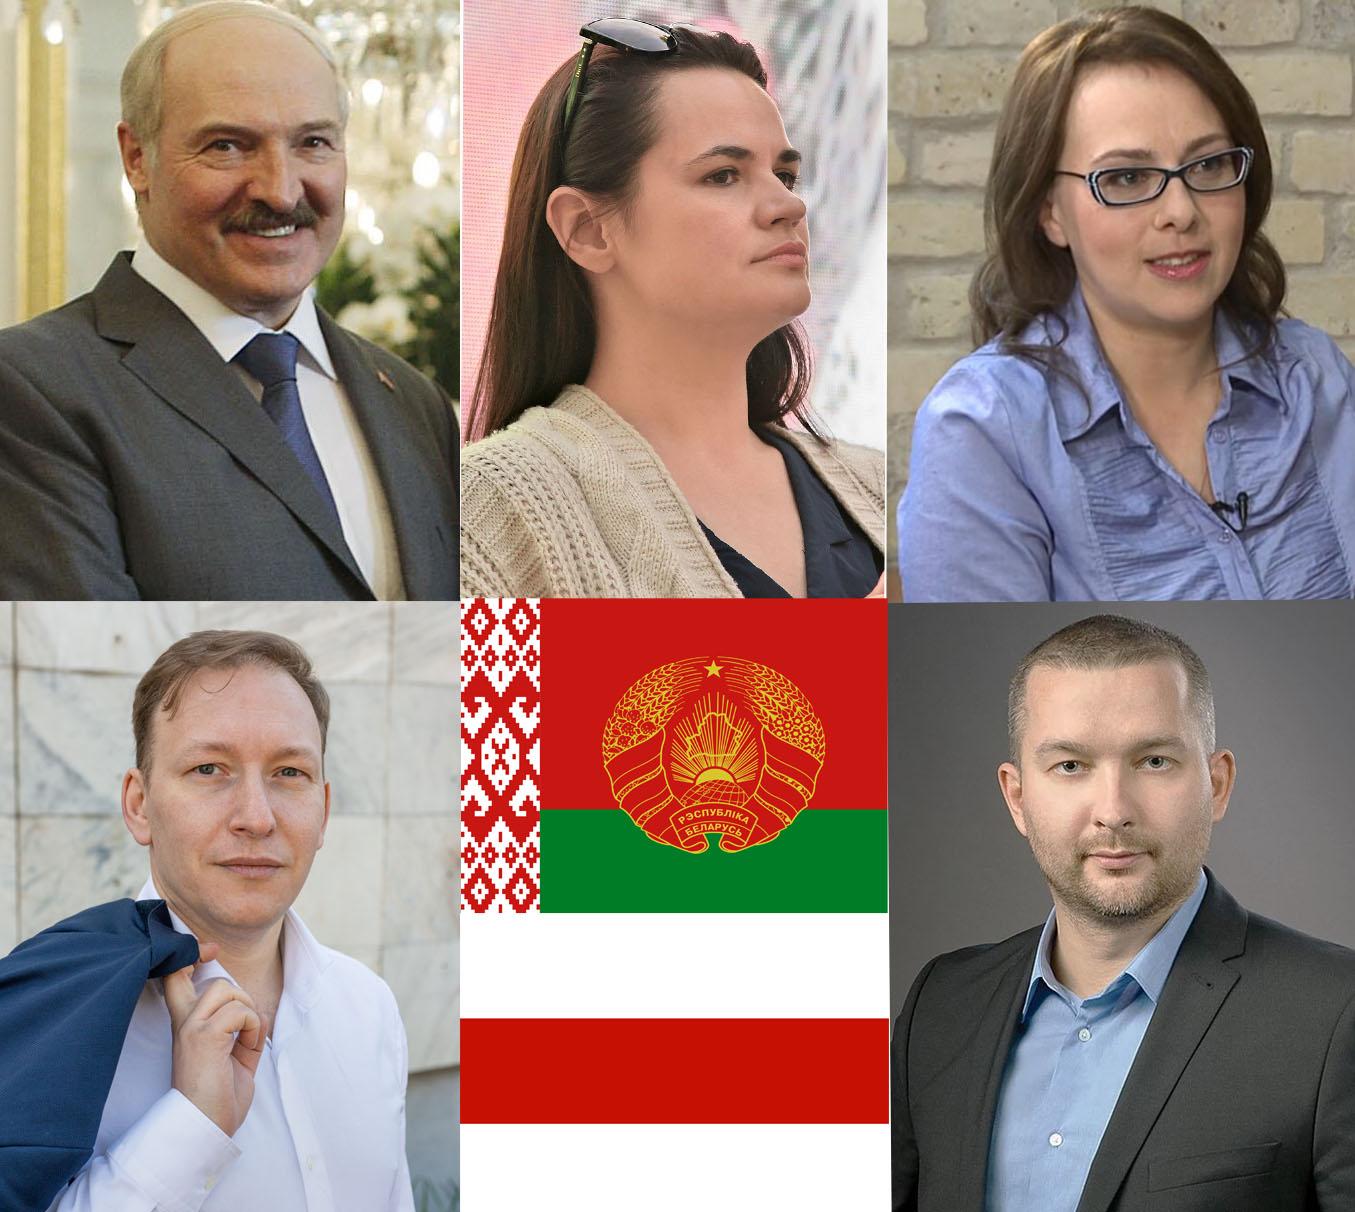 Kandidatai į Baltarusijos prezidentus 2020 m.: Aleksandras Lukašenka, Svetlana Tichanovskaja, Anna Konopackaja, Andrejus Dmitrevas, Sergejus Čerčenis   Alkas.lt koliažas